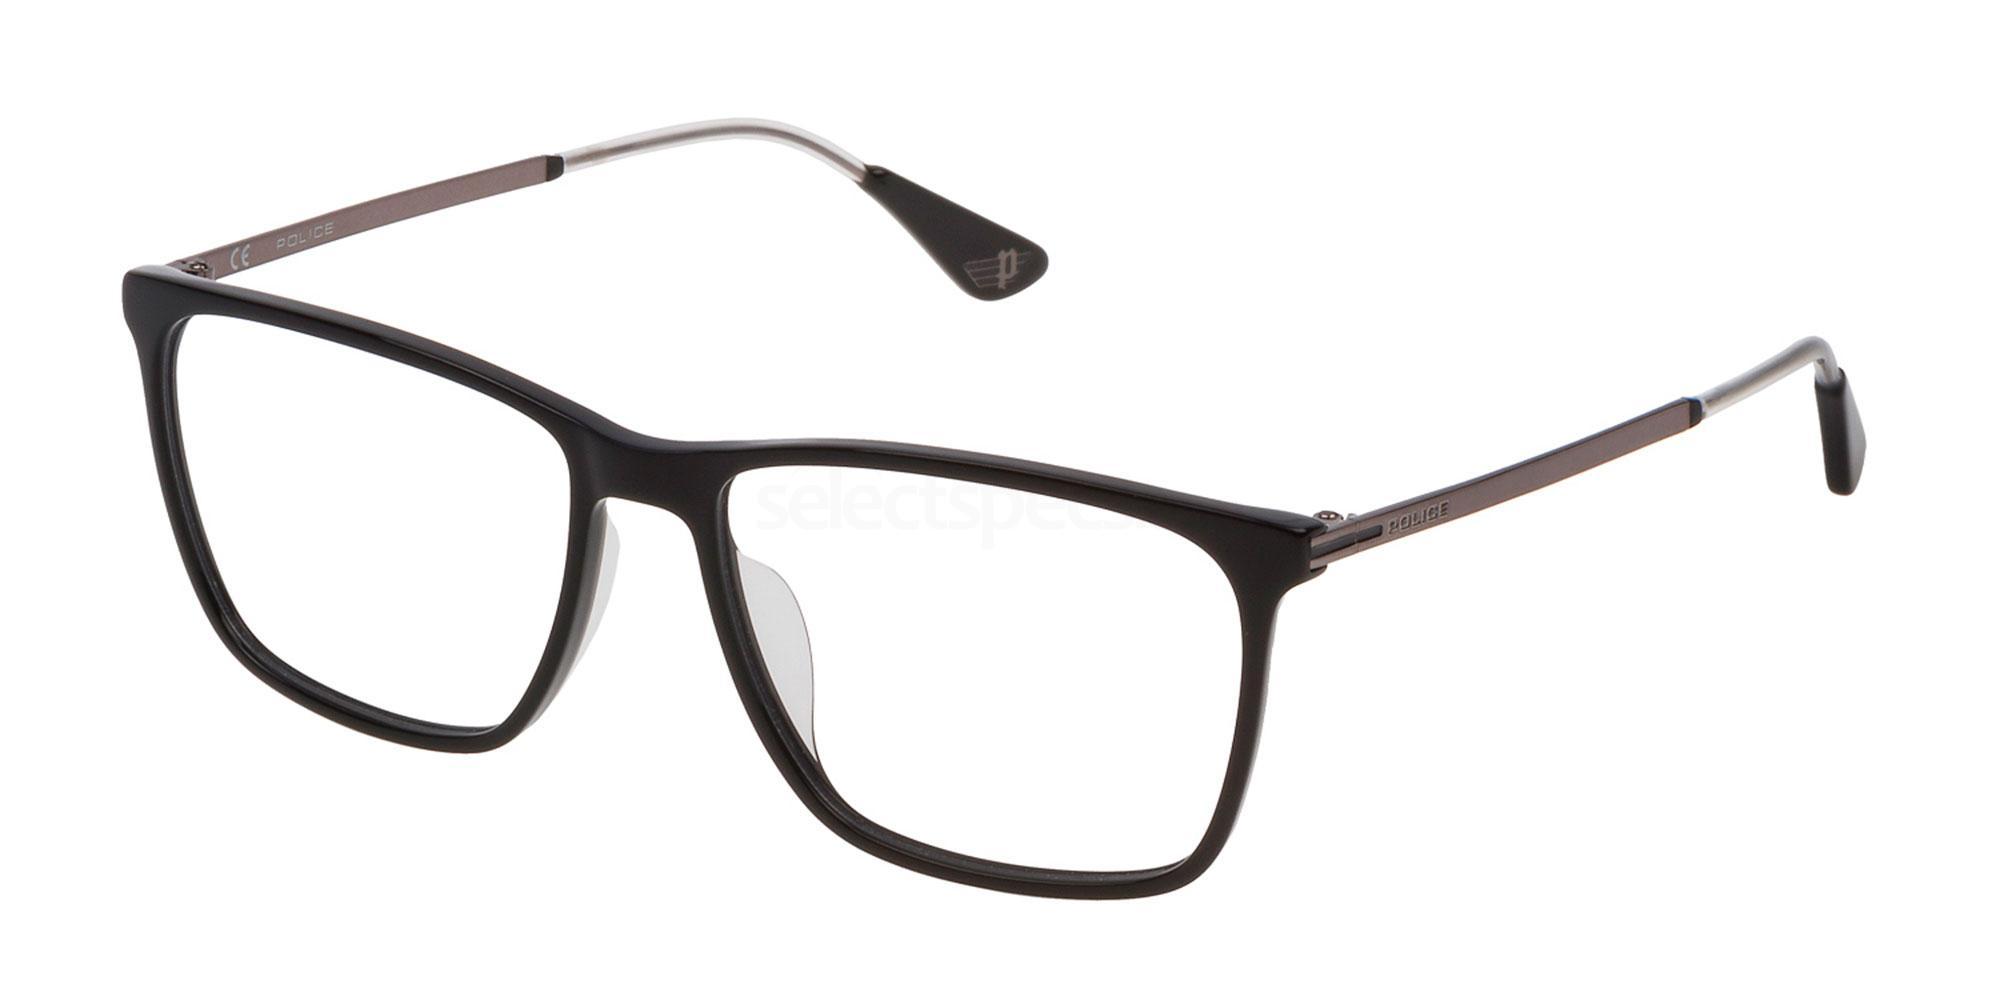 0700 VPL689 Glasses, Police